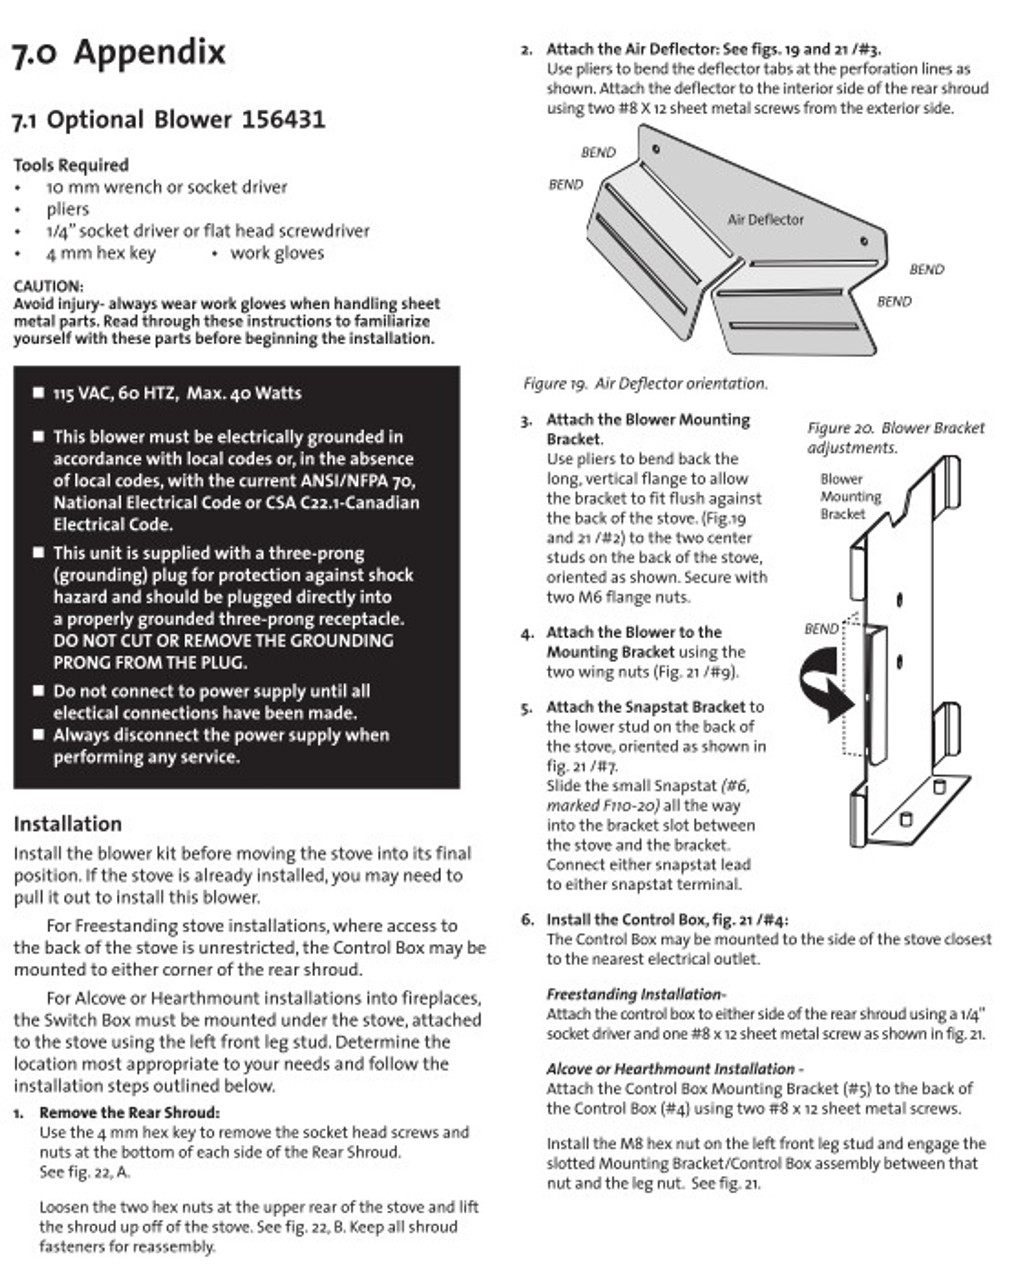 Jotul 156431 Blower Kit